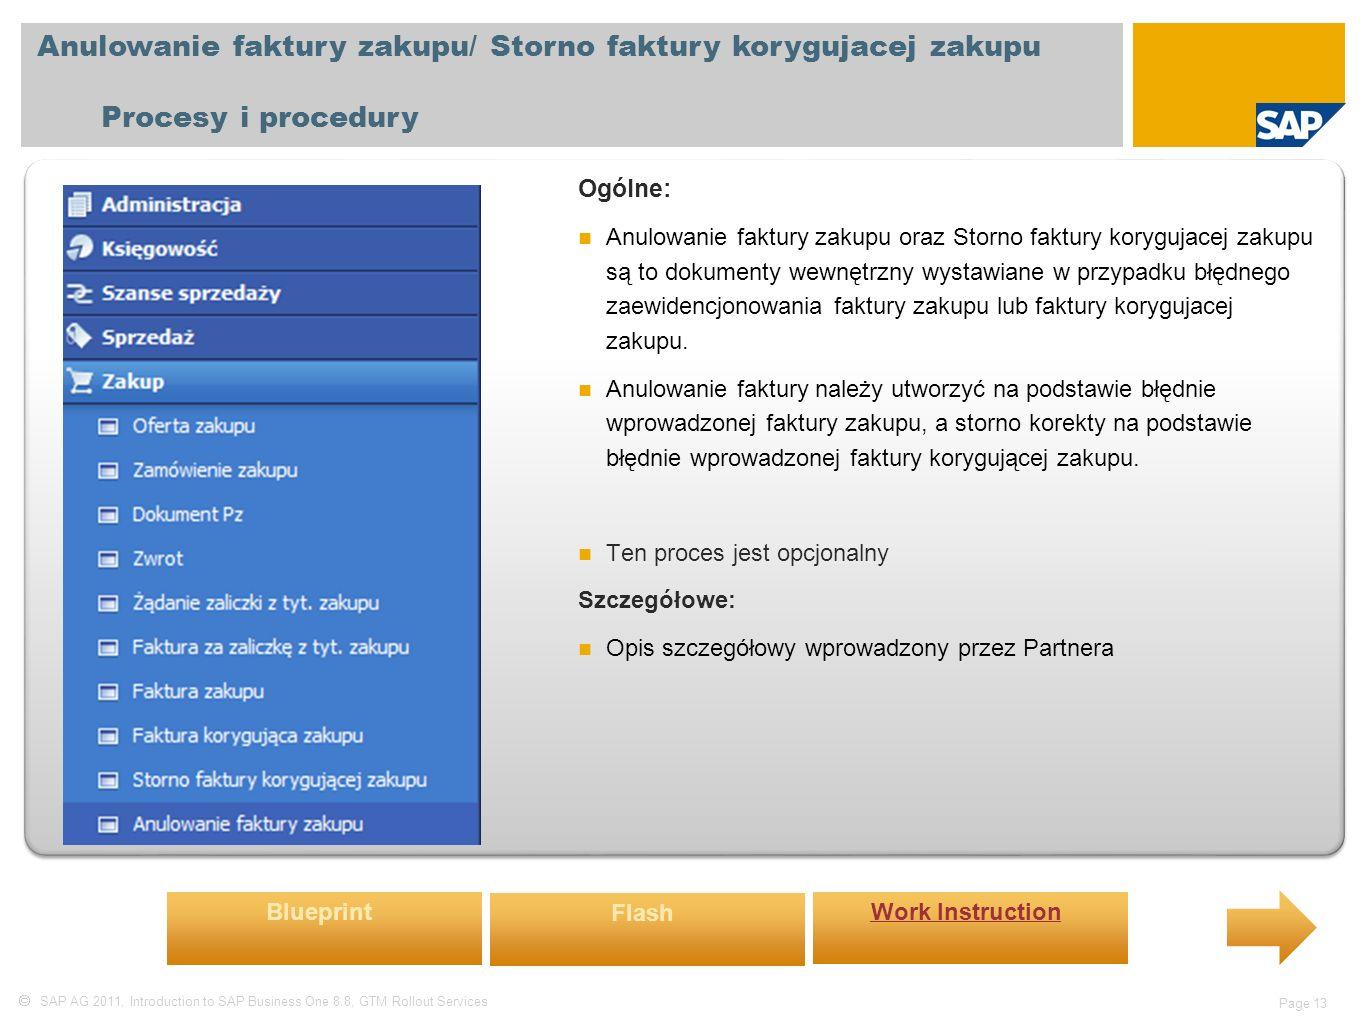  SAP AG 2011, Introduction to SAP Business One 8.8, GTM Rollout Services Page 13 Anulowanie faktury zakupu/ Storno faktury korygujacej zakupu Procesy i procedury Ogólne: Anulowanie faktury zakupu oraz Storno faktury korygujacej zakupu są to dokumenty wewnętrzny wystawiane w przypadku błędnego zaewidencjonowania faktury zakupu lub faktury korygujacej zakupu.